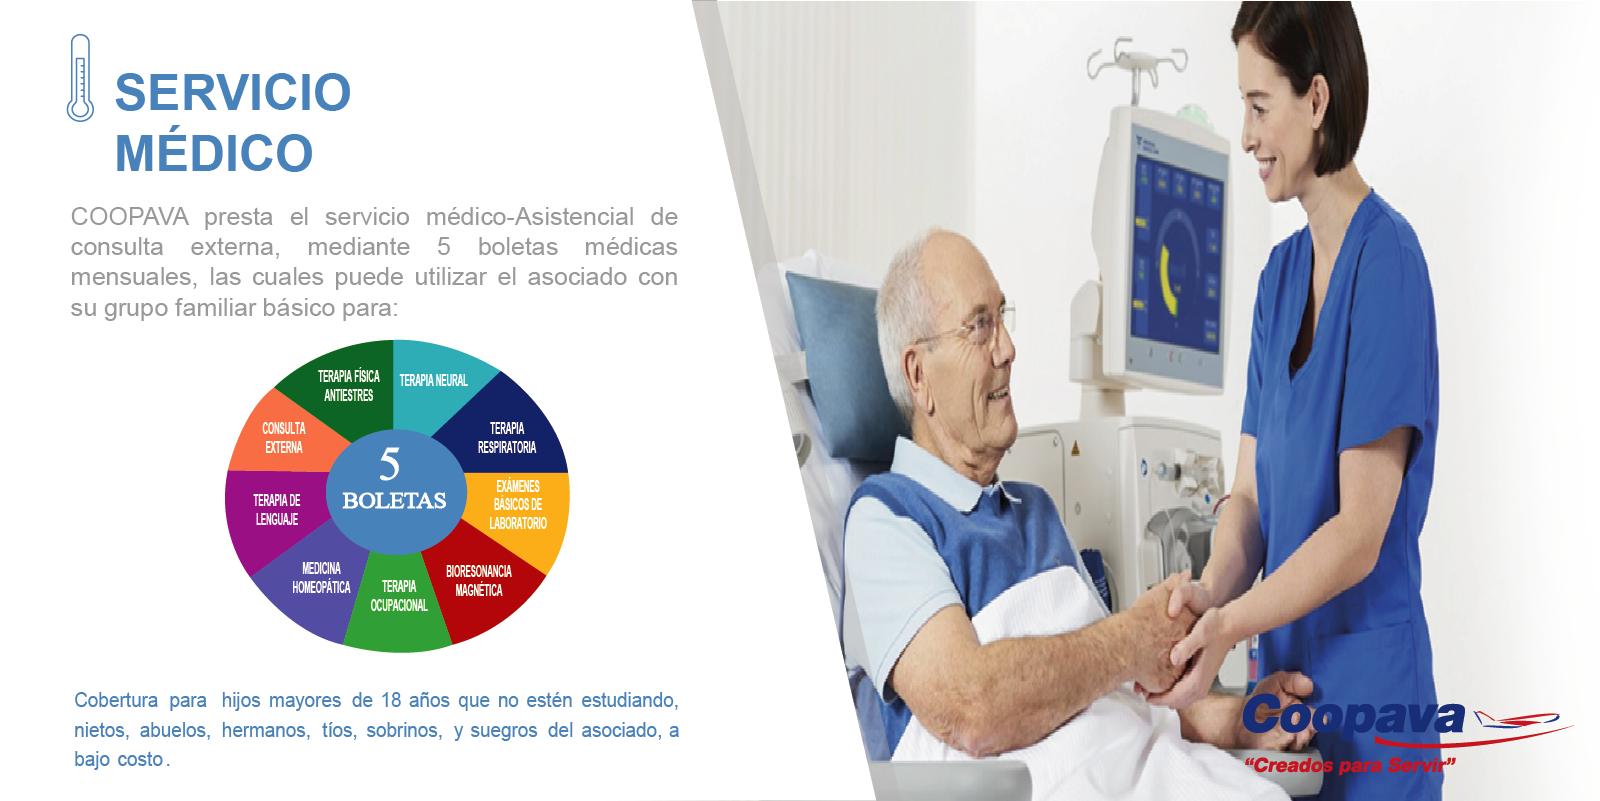 Servicio Médico